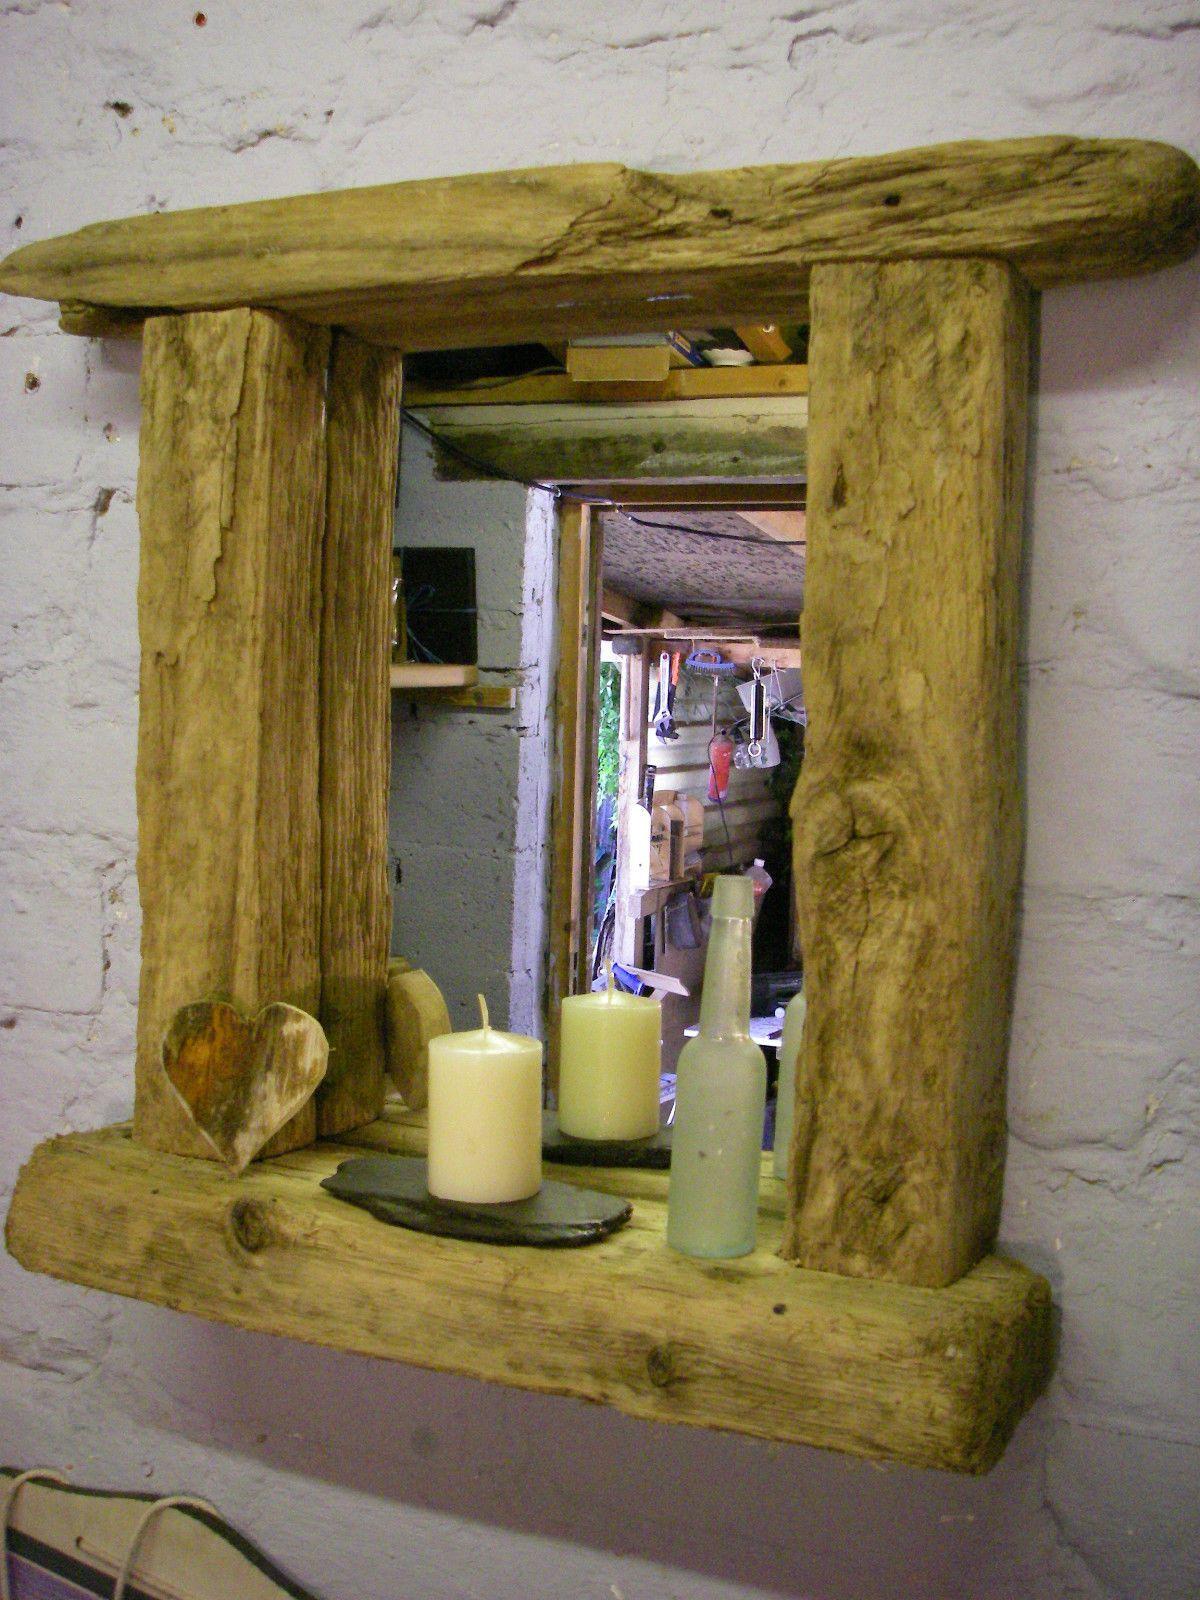 rustique gros recycl driftwood miroir avec tag re pour jardin id e cadeau ebay miroir et bois. Black Bedroom Furniture Sets. Home Design Ideas